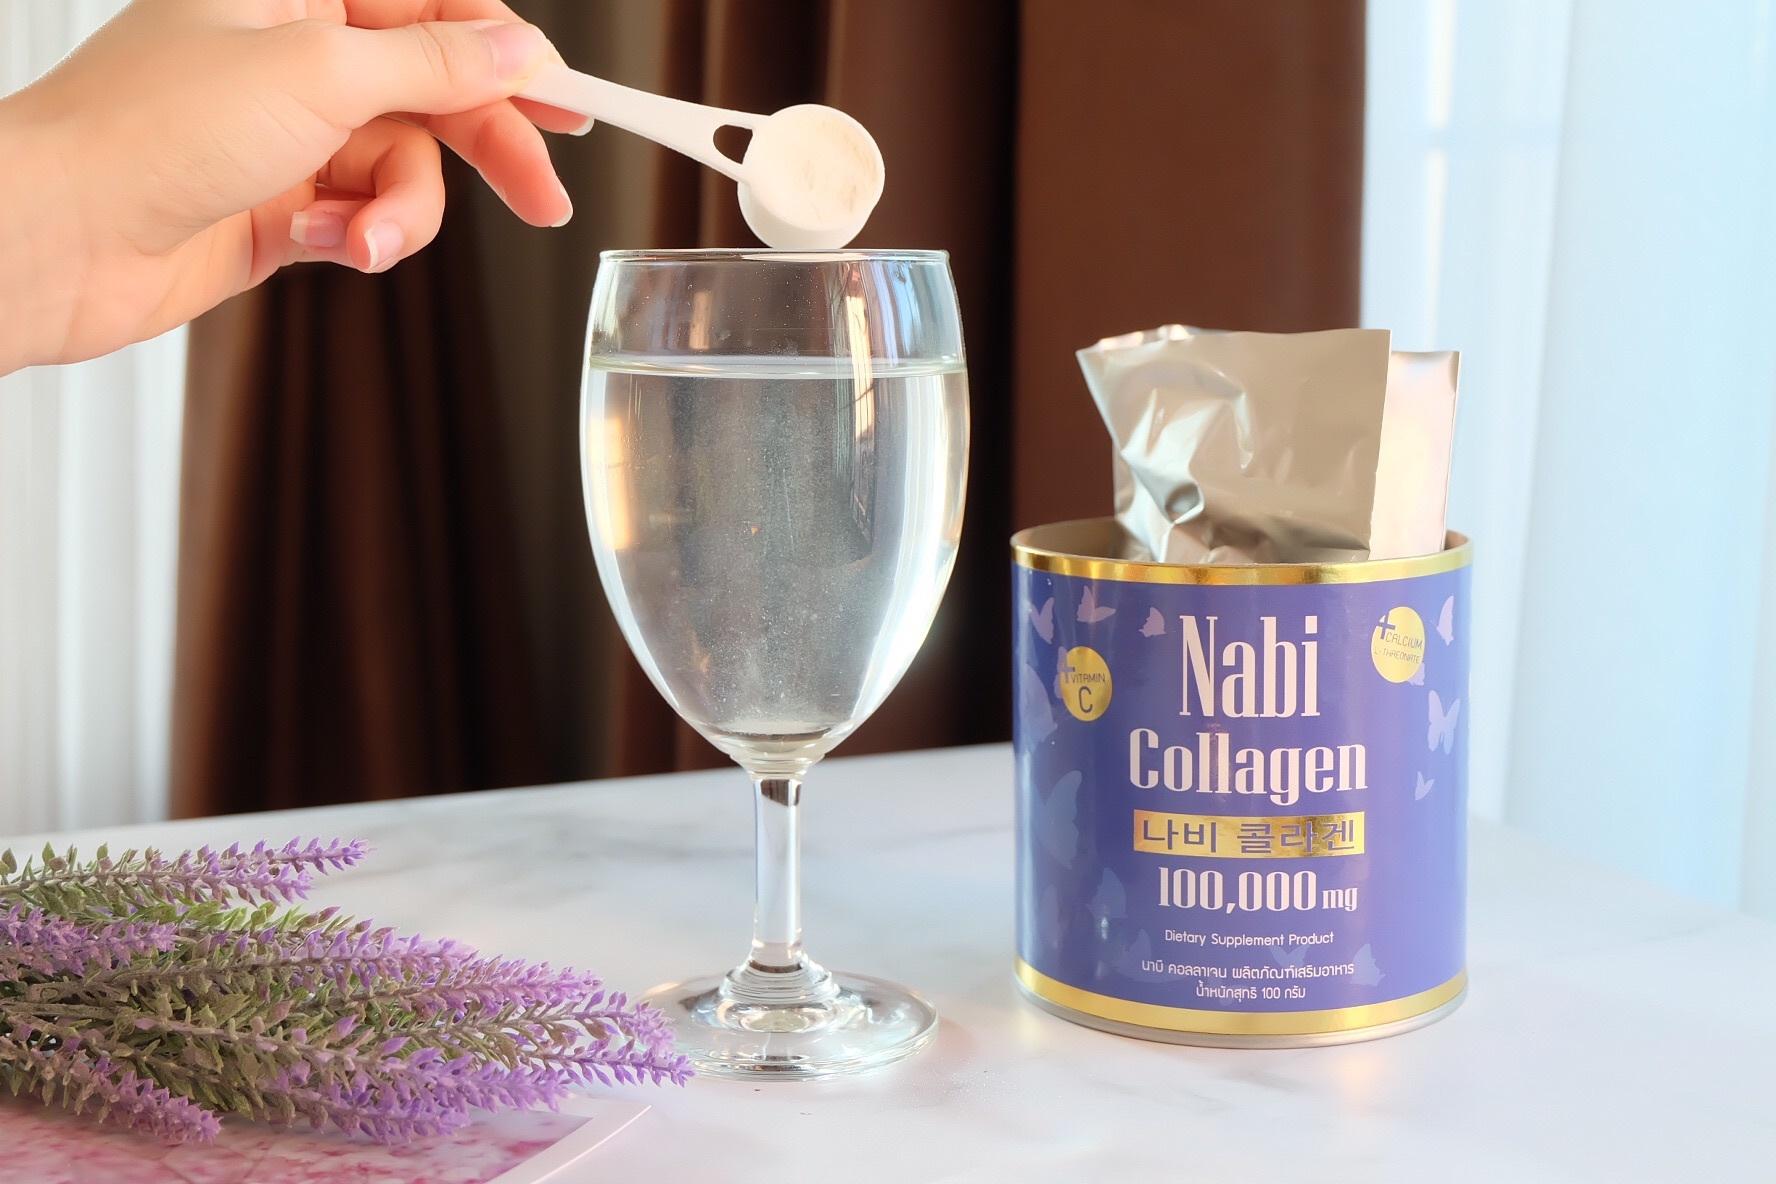 วิธีกิน Nabi Collagen ดีที่สุด